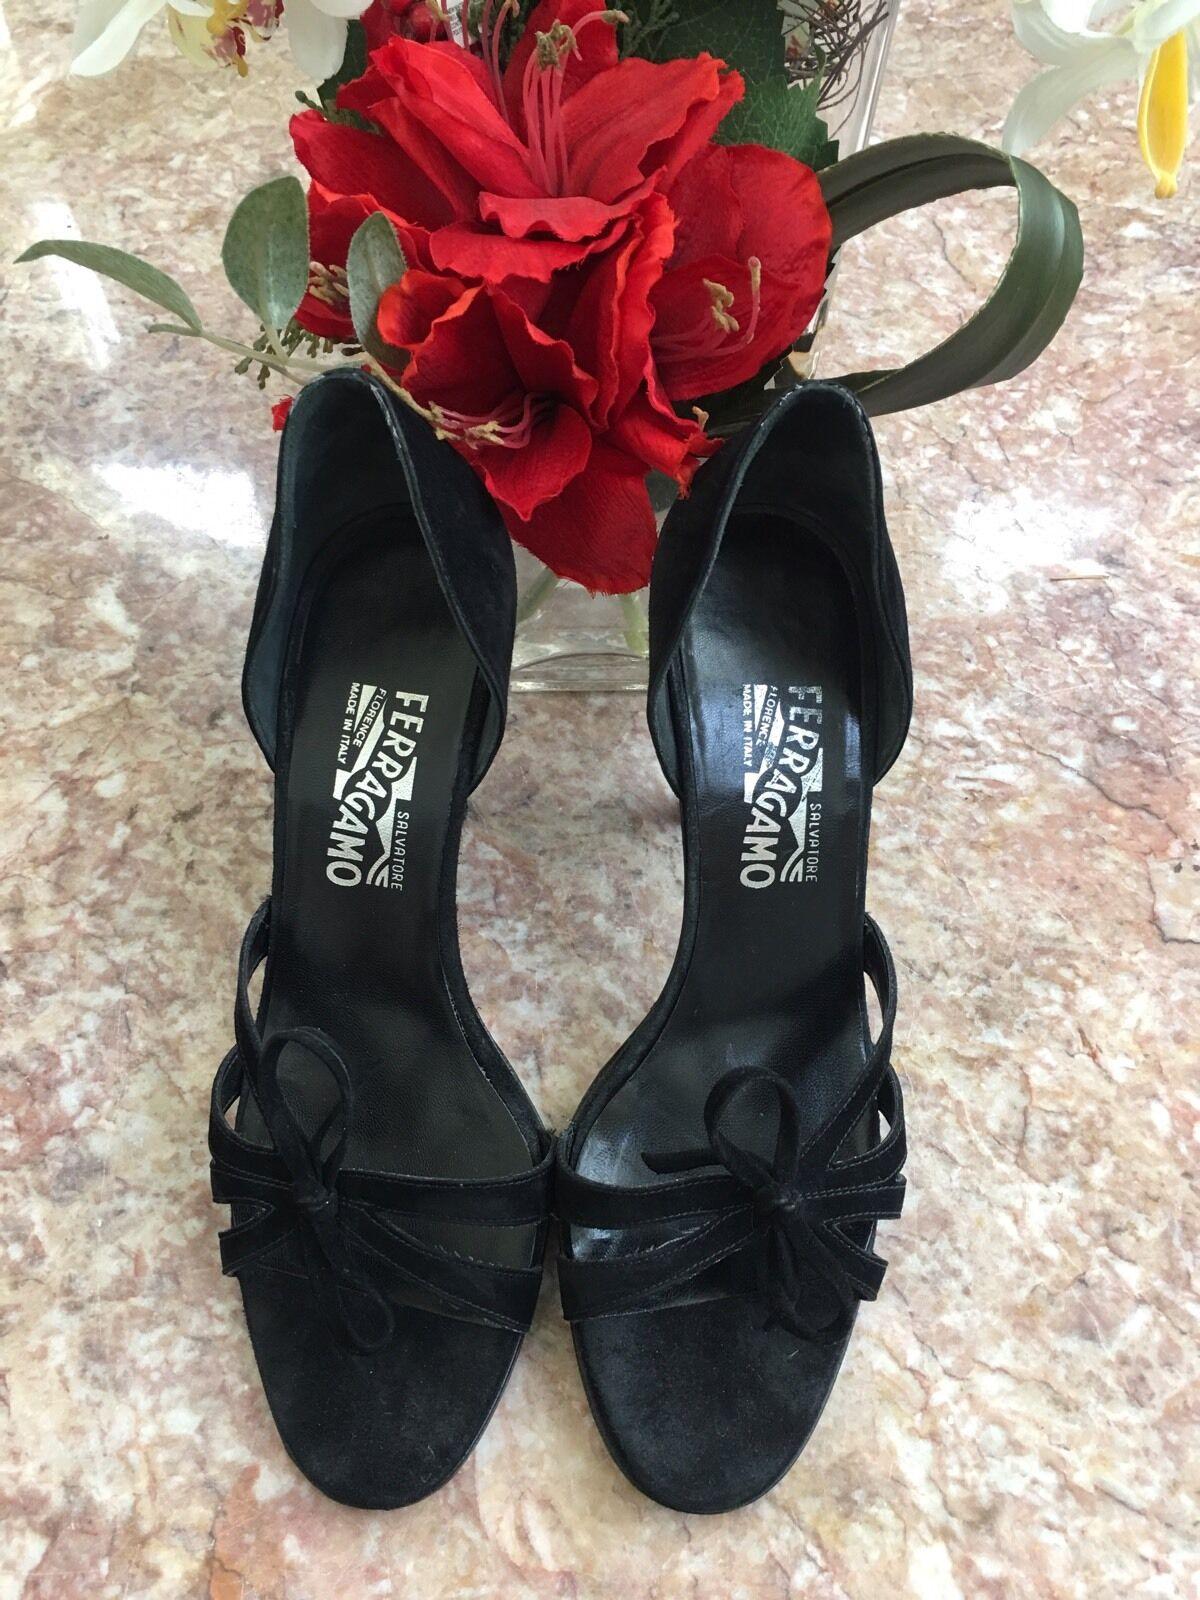 Salvatore Ferragamo Black Suede Leather Open Toe Pump Sandal shoes US Size 8 B